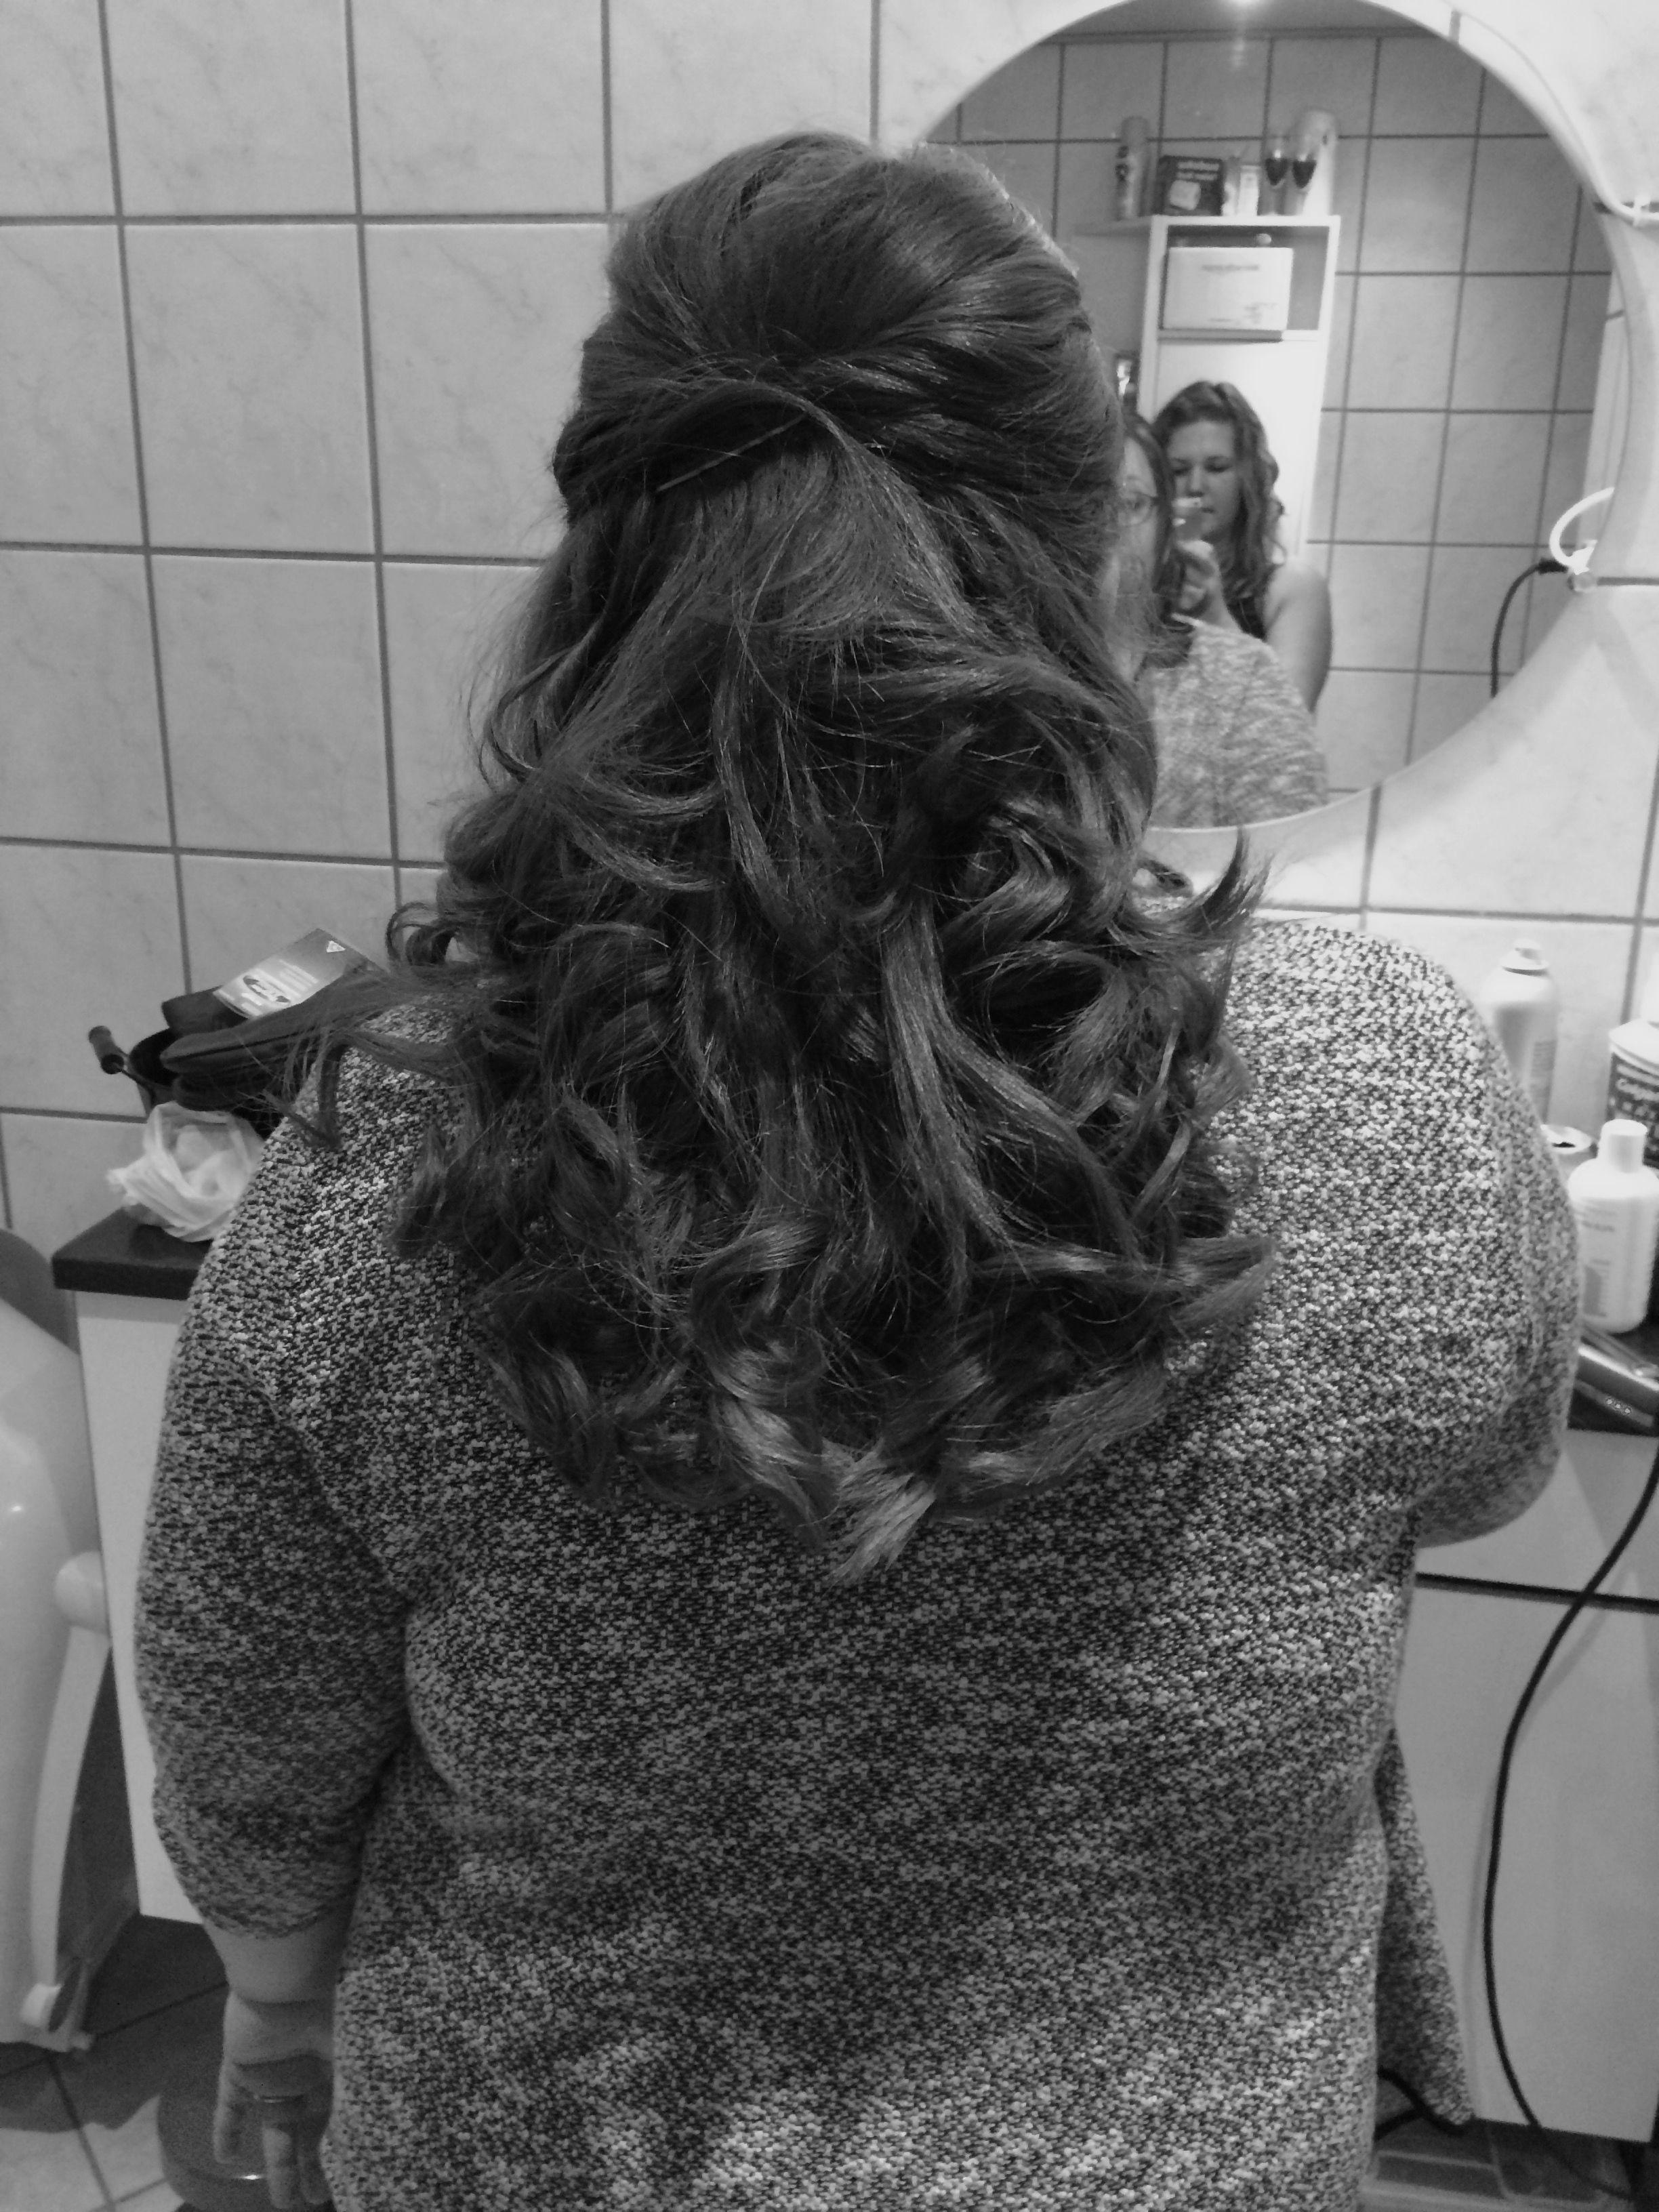 """Det ser så fancy ud, nå de krøller deres hår """"hollywood-style"""" men det er faktisk ret nemt. Min veninde gjorde dette ved at rulle totter af hår omkring 2 fingrer, hvorefter hun varmede disse """"ruller"""" med glattejernet. ------------<3-------    It´s actually quite easy to curl your hair with a flatiron. Just swirl hair around 2 fingers and then heat the """"swirl""""."""